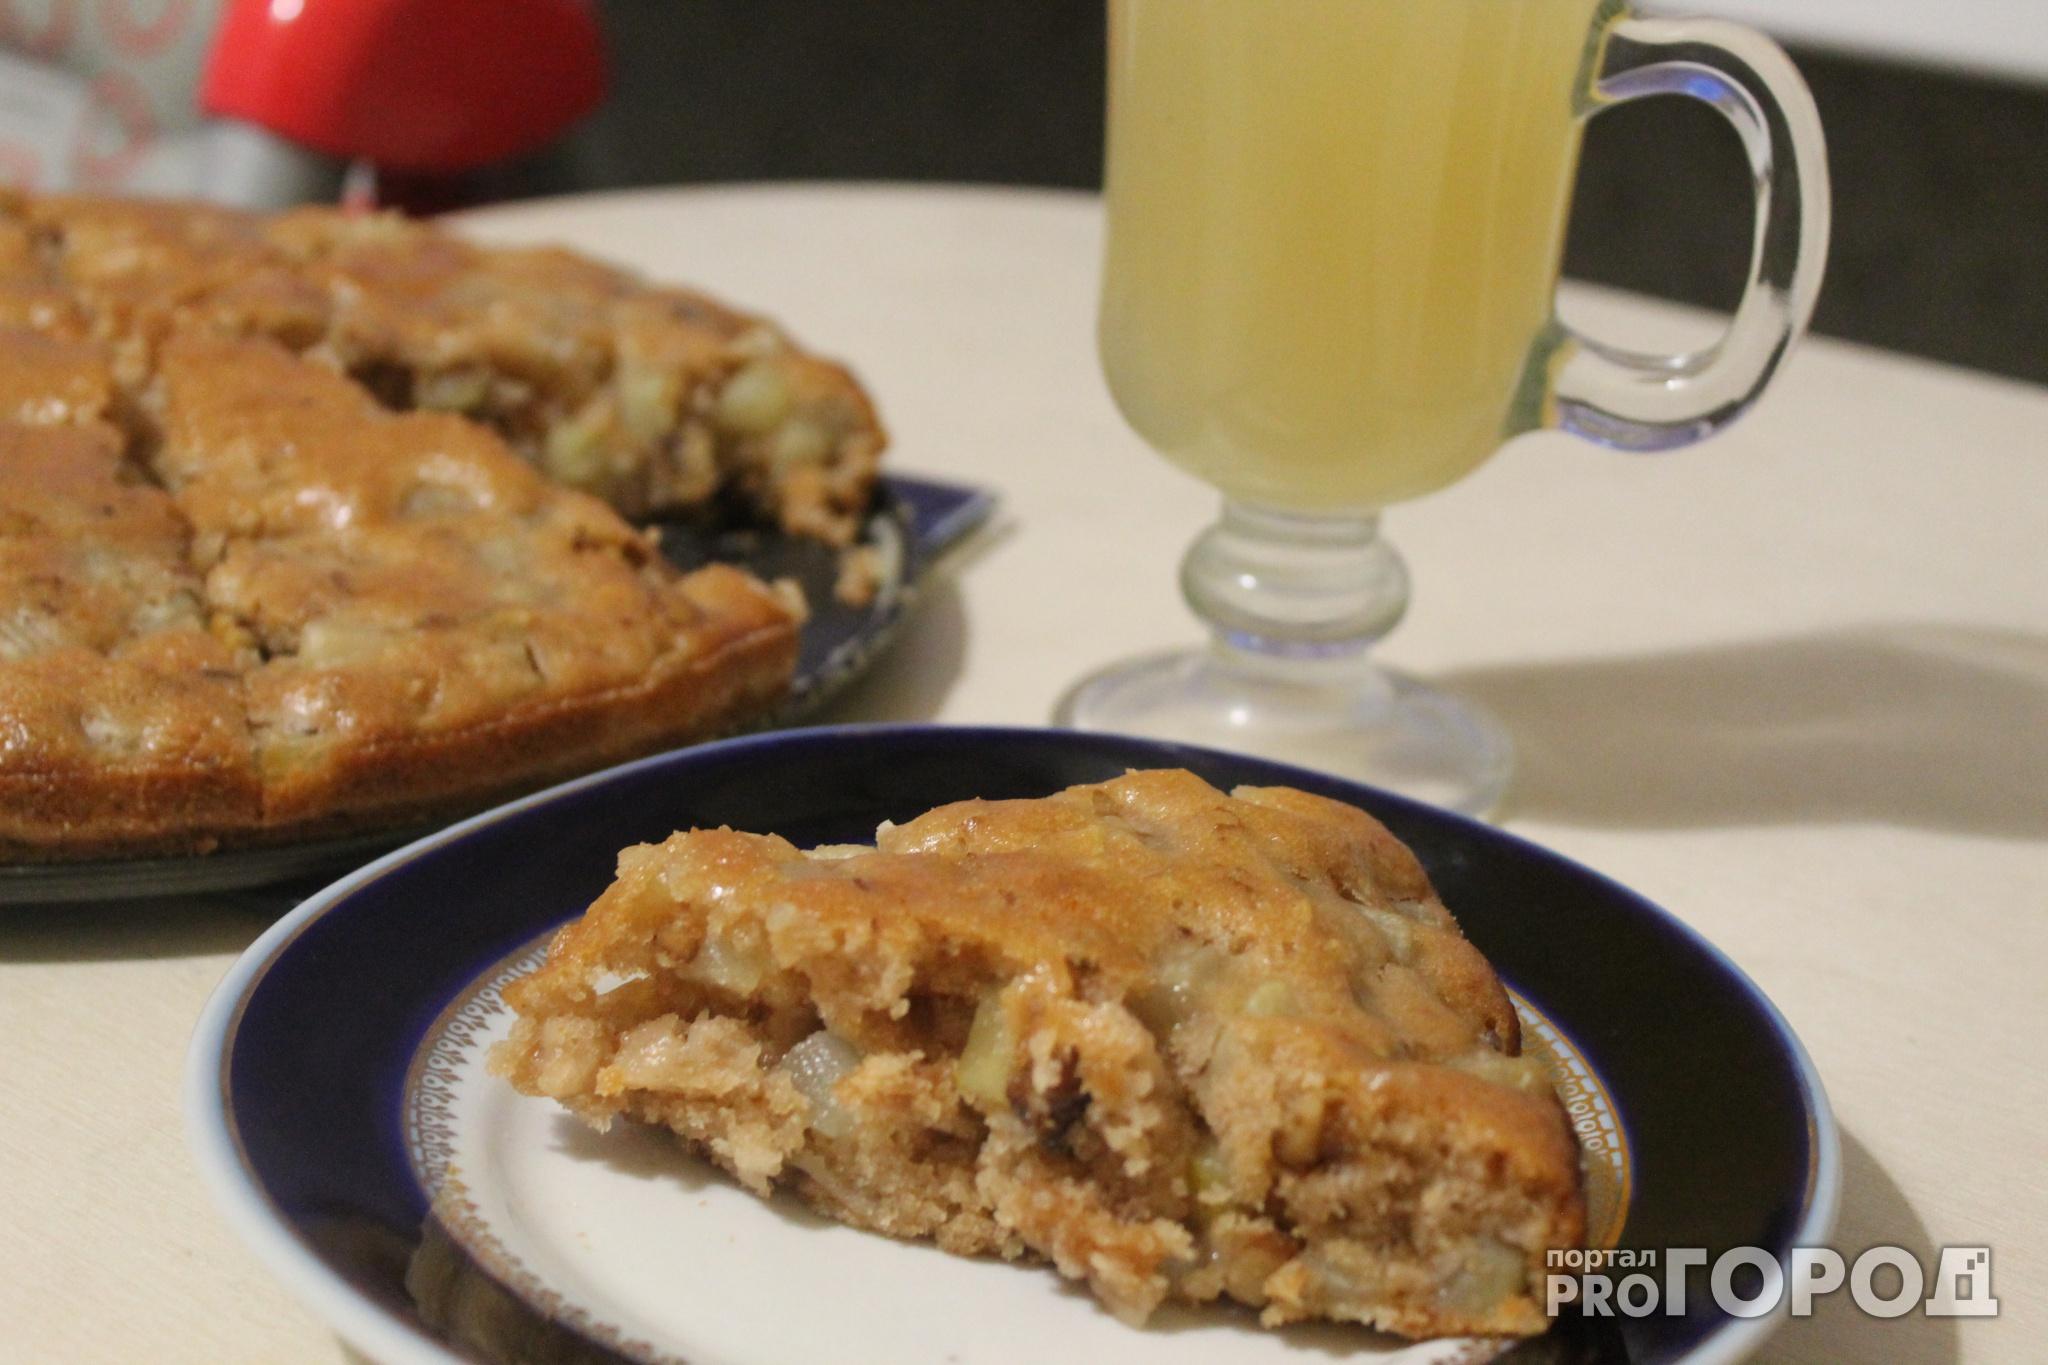 Постный рецепт: грушево-медовый пирог